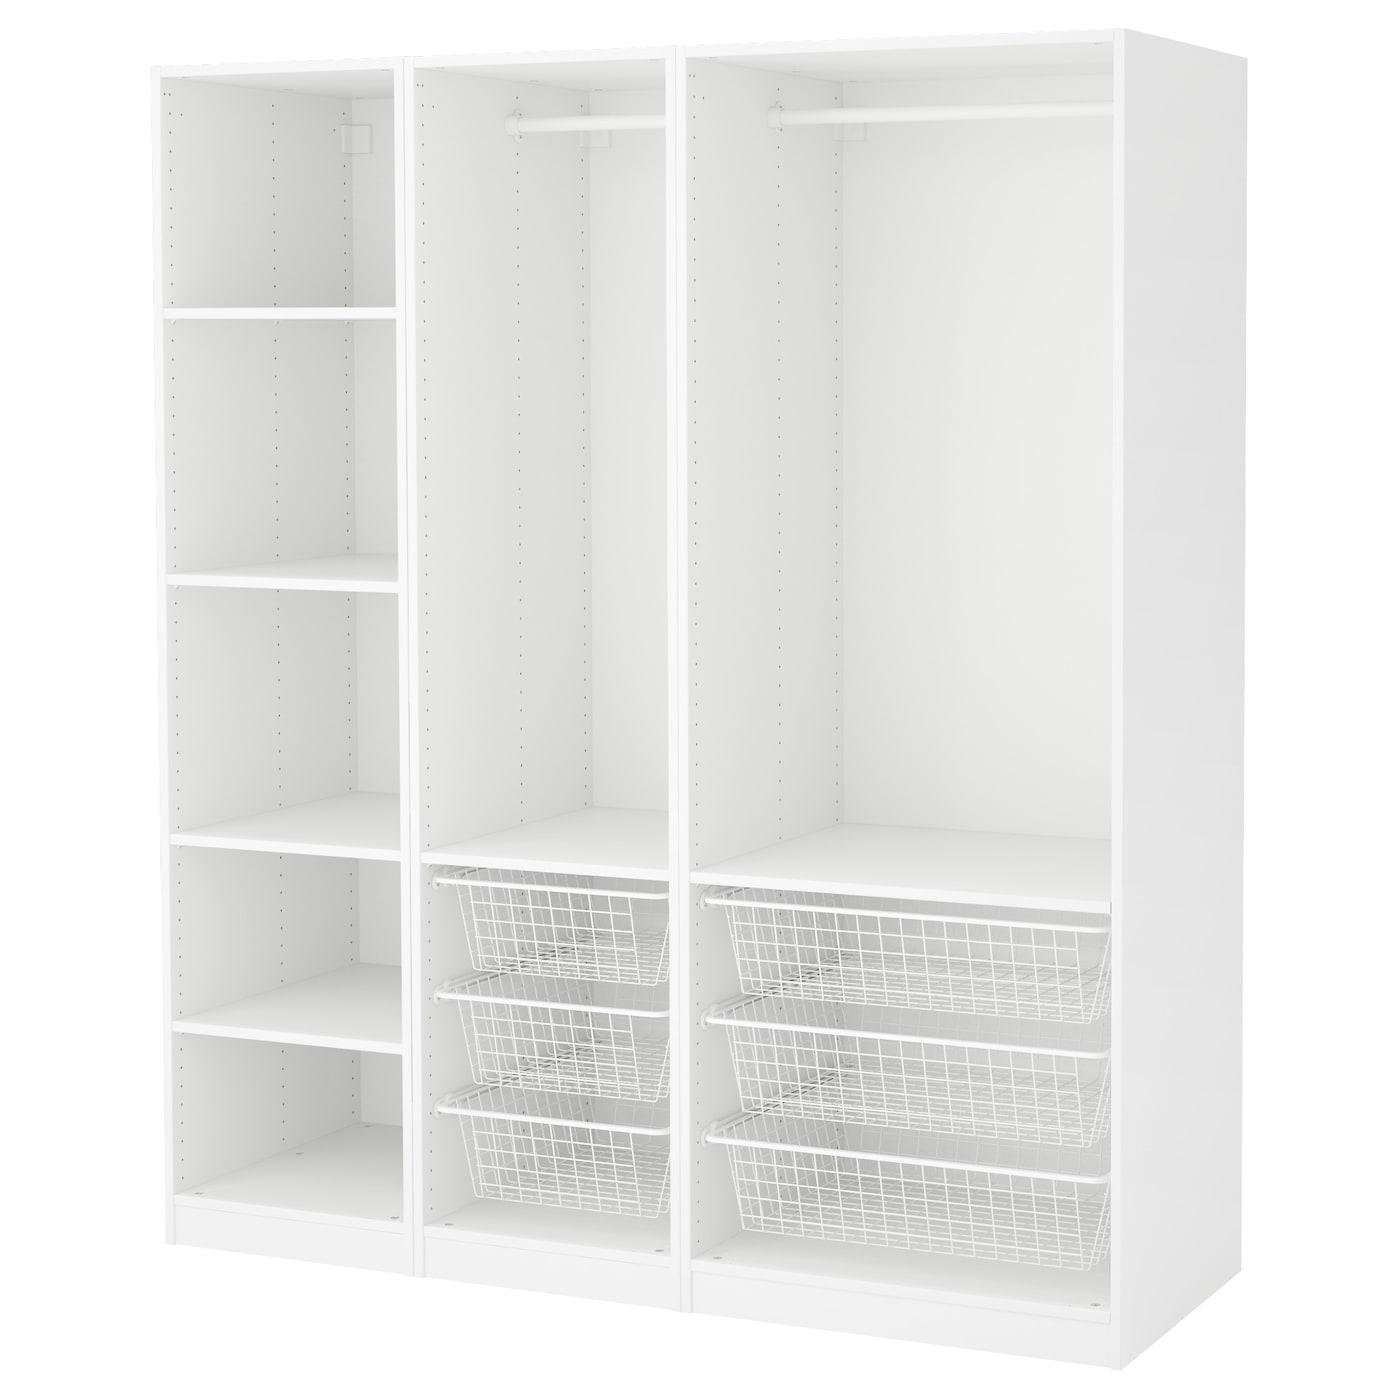 Dorable Ikea Muebles Puertas Del Armario Motivo Muebles De Diseno